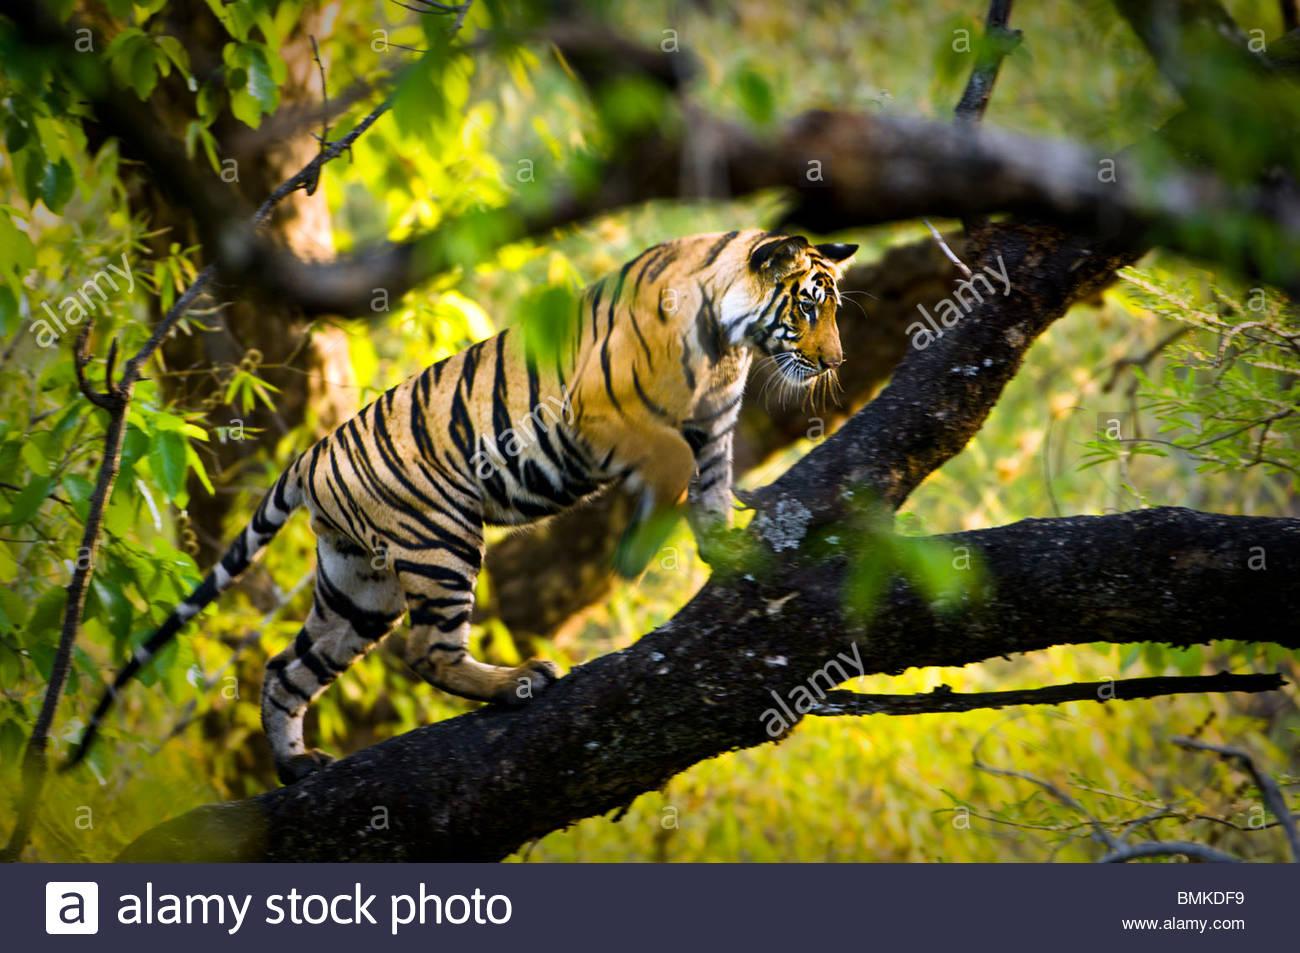 Jugendliche männliche Königstiger (ca. 15 Monate) einen Baum zu klettern. Bandhavgarh NP, Madhya Pradesh, Stockbild